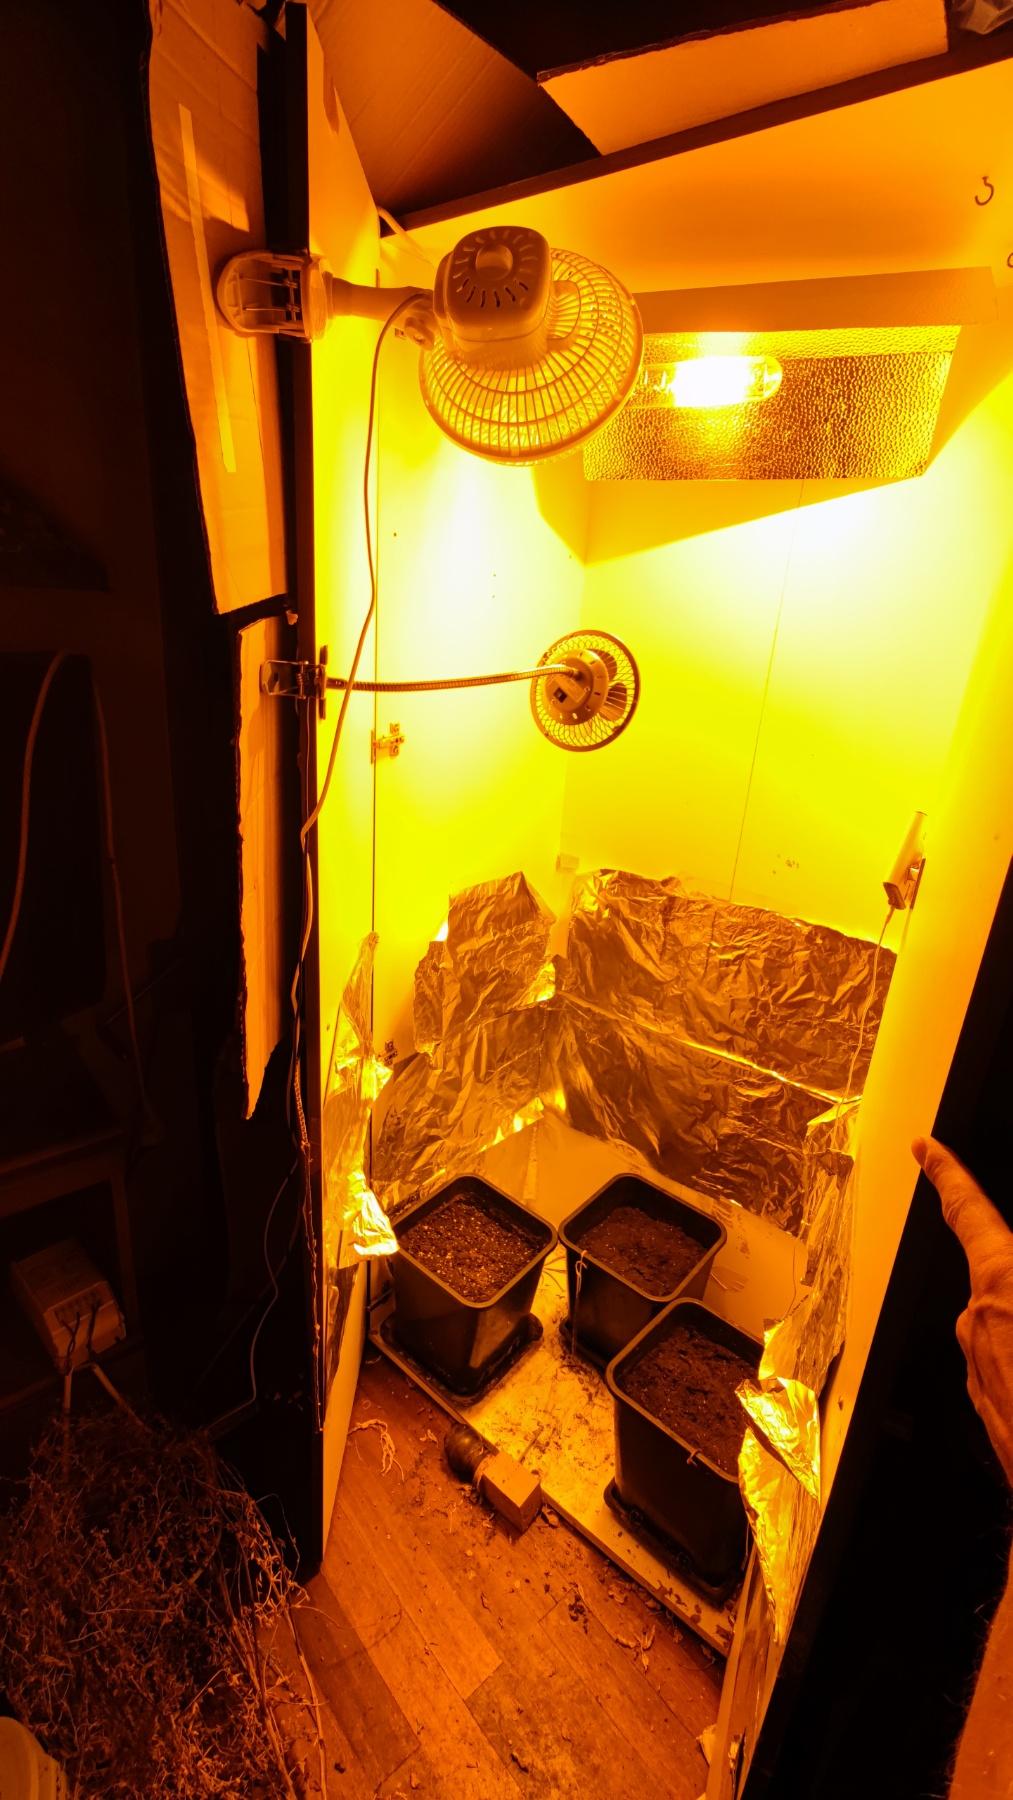 Καβάλα: Έστησε φυτώριο κάνναβης μέσα στο σπίτι του - ΦΩΤΟ